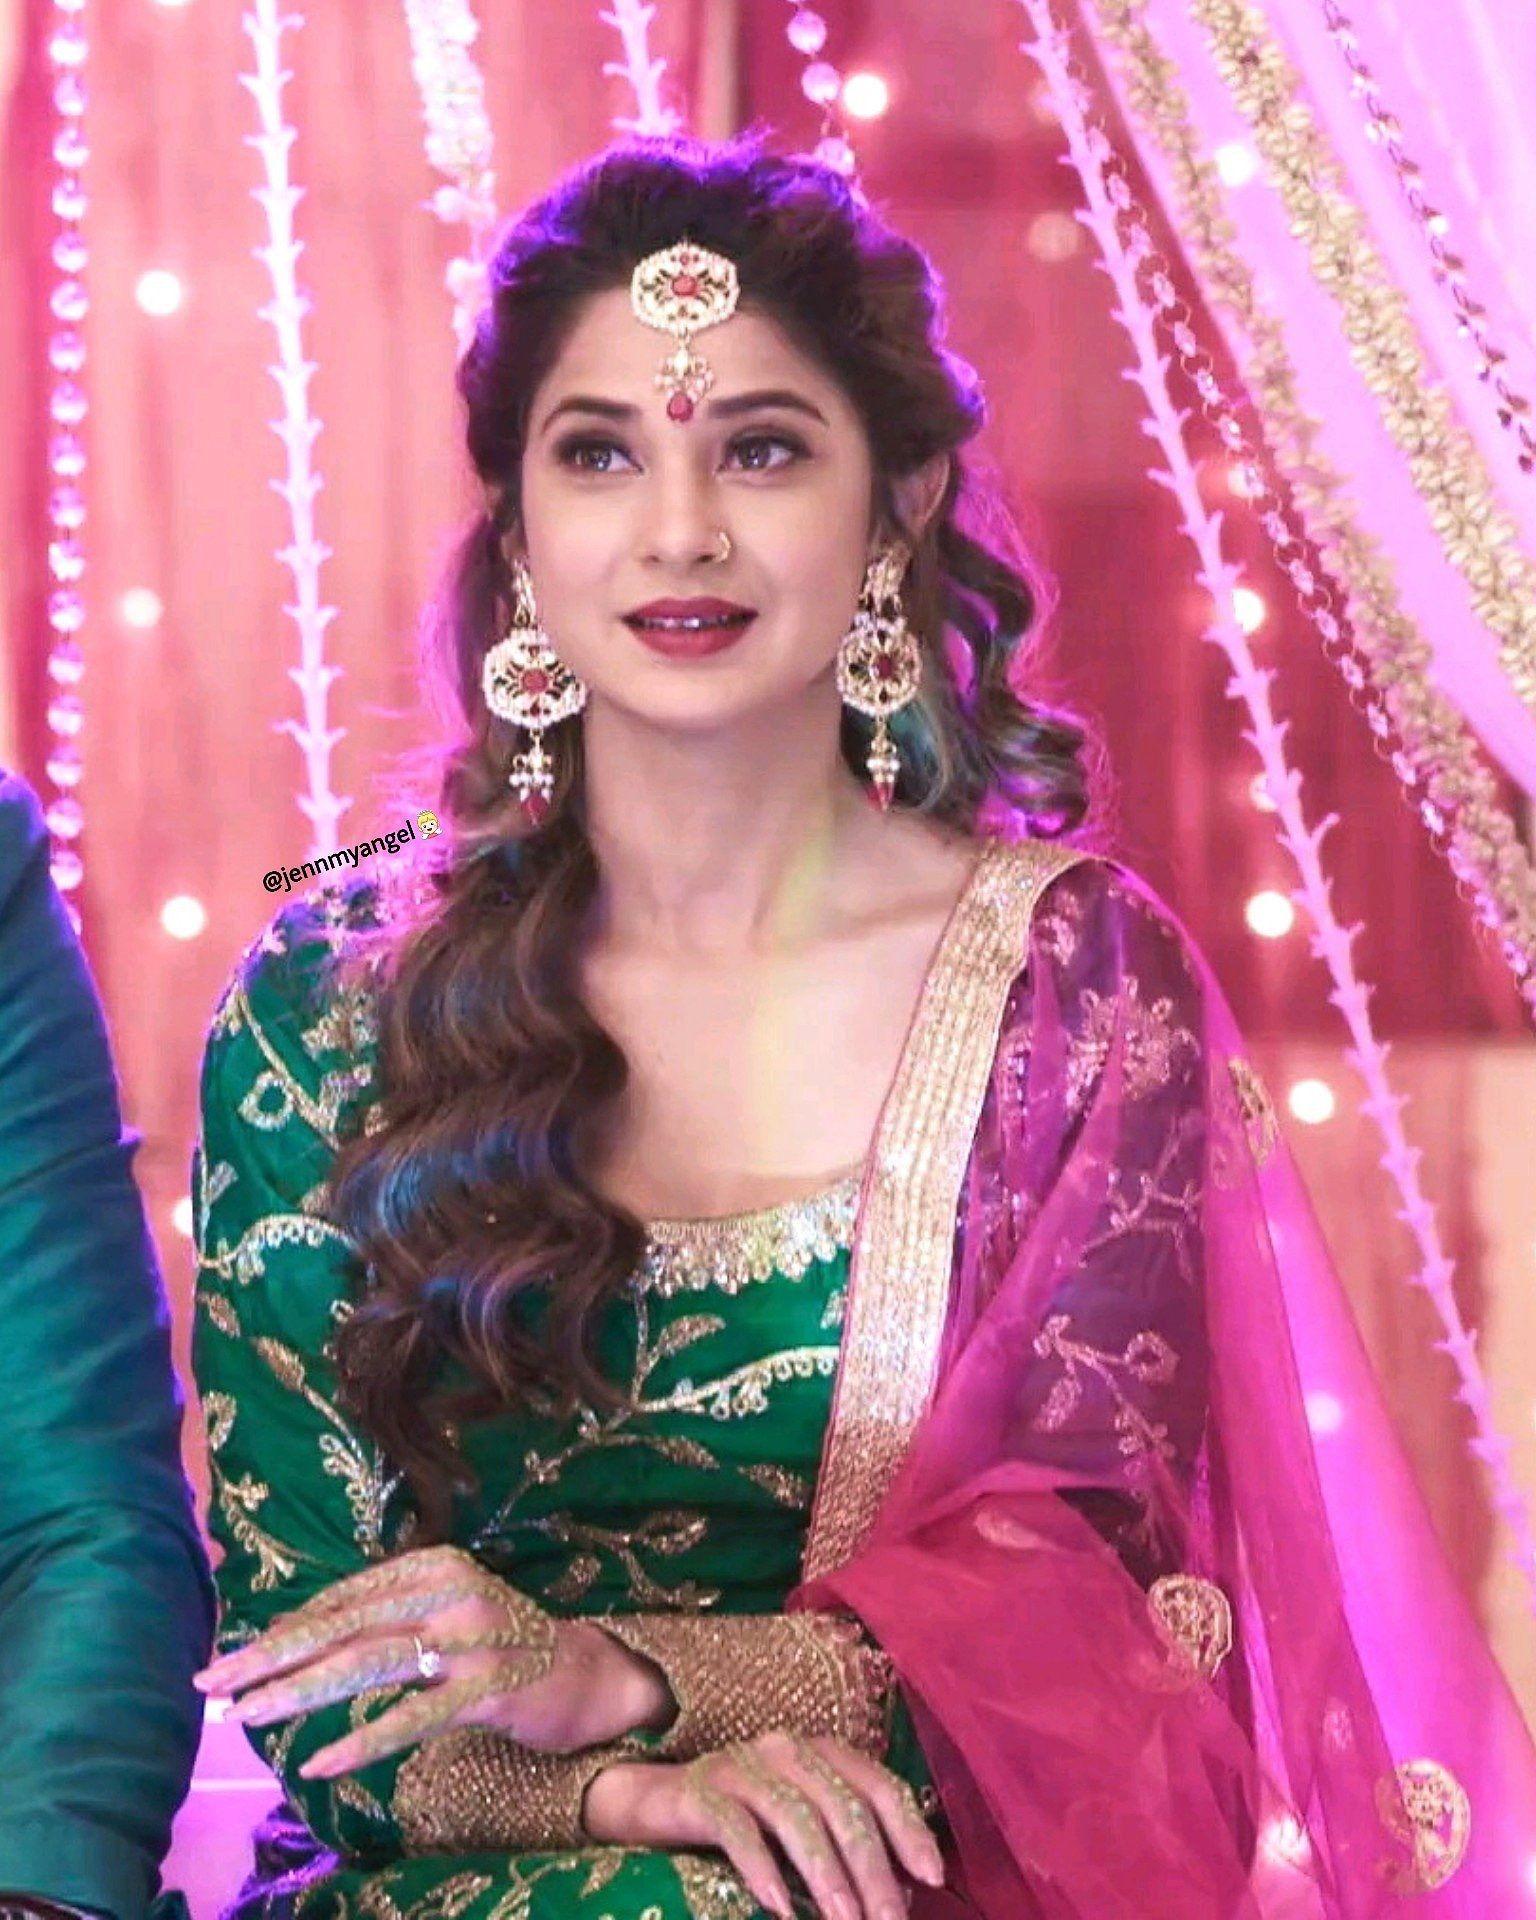 Bepannaah Bepanah Jenniferwinget Zoya Bepannaah Adityahooda Adiya Jenshad Jennifer Winget Womens Hairstyles Indian Bride Makeup